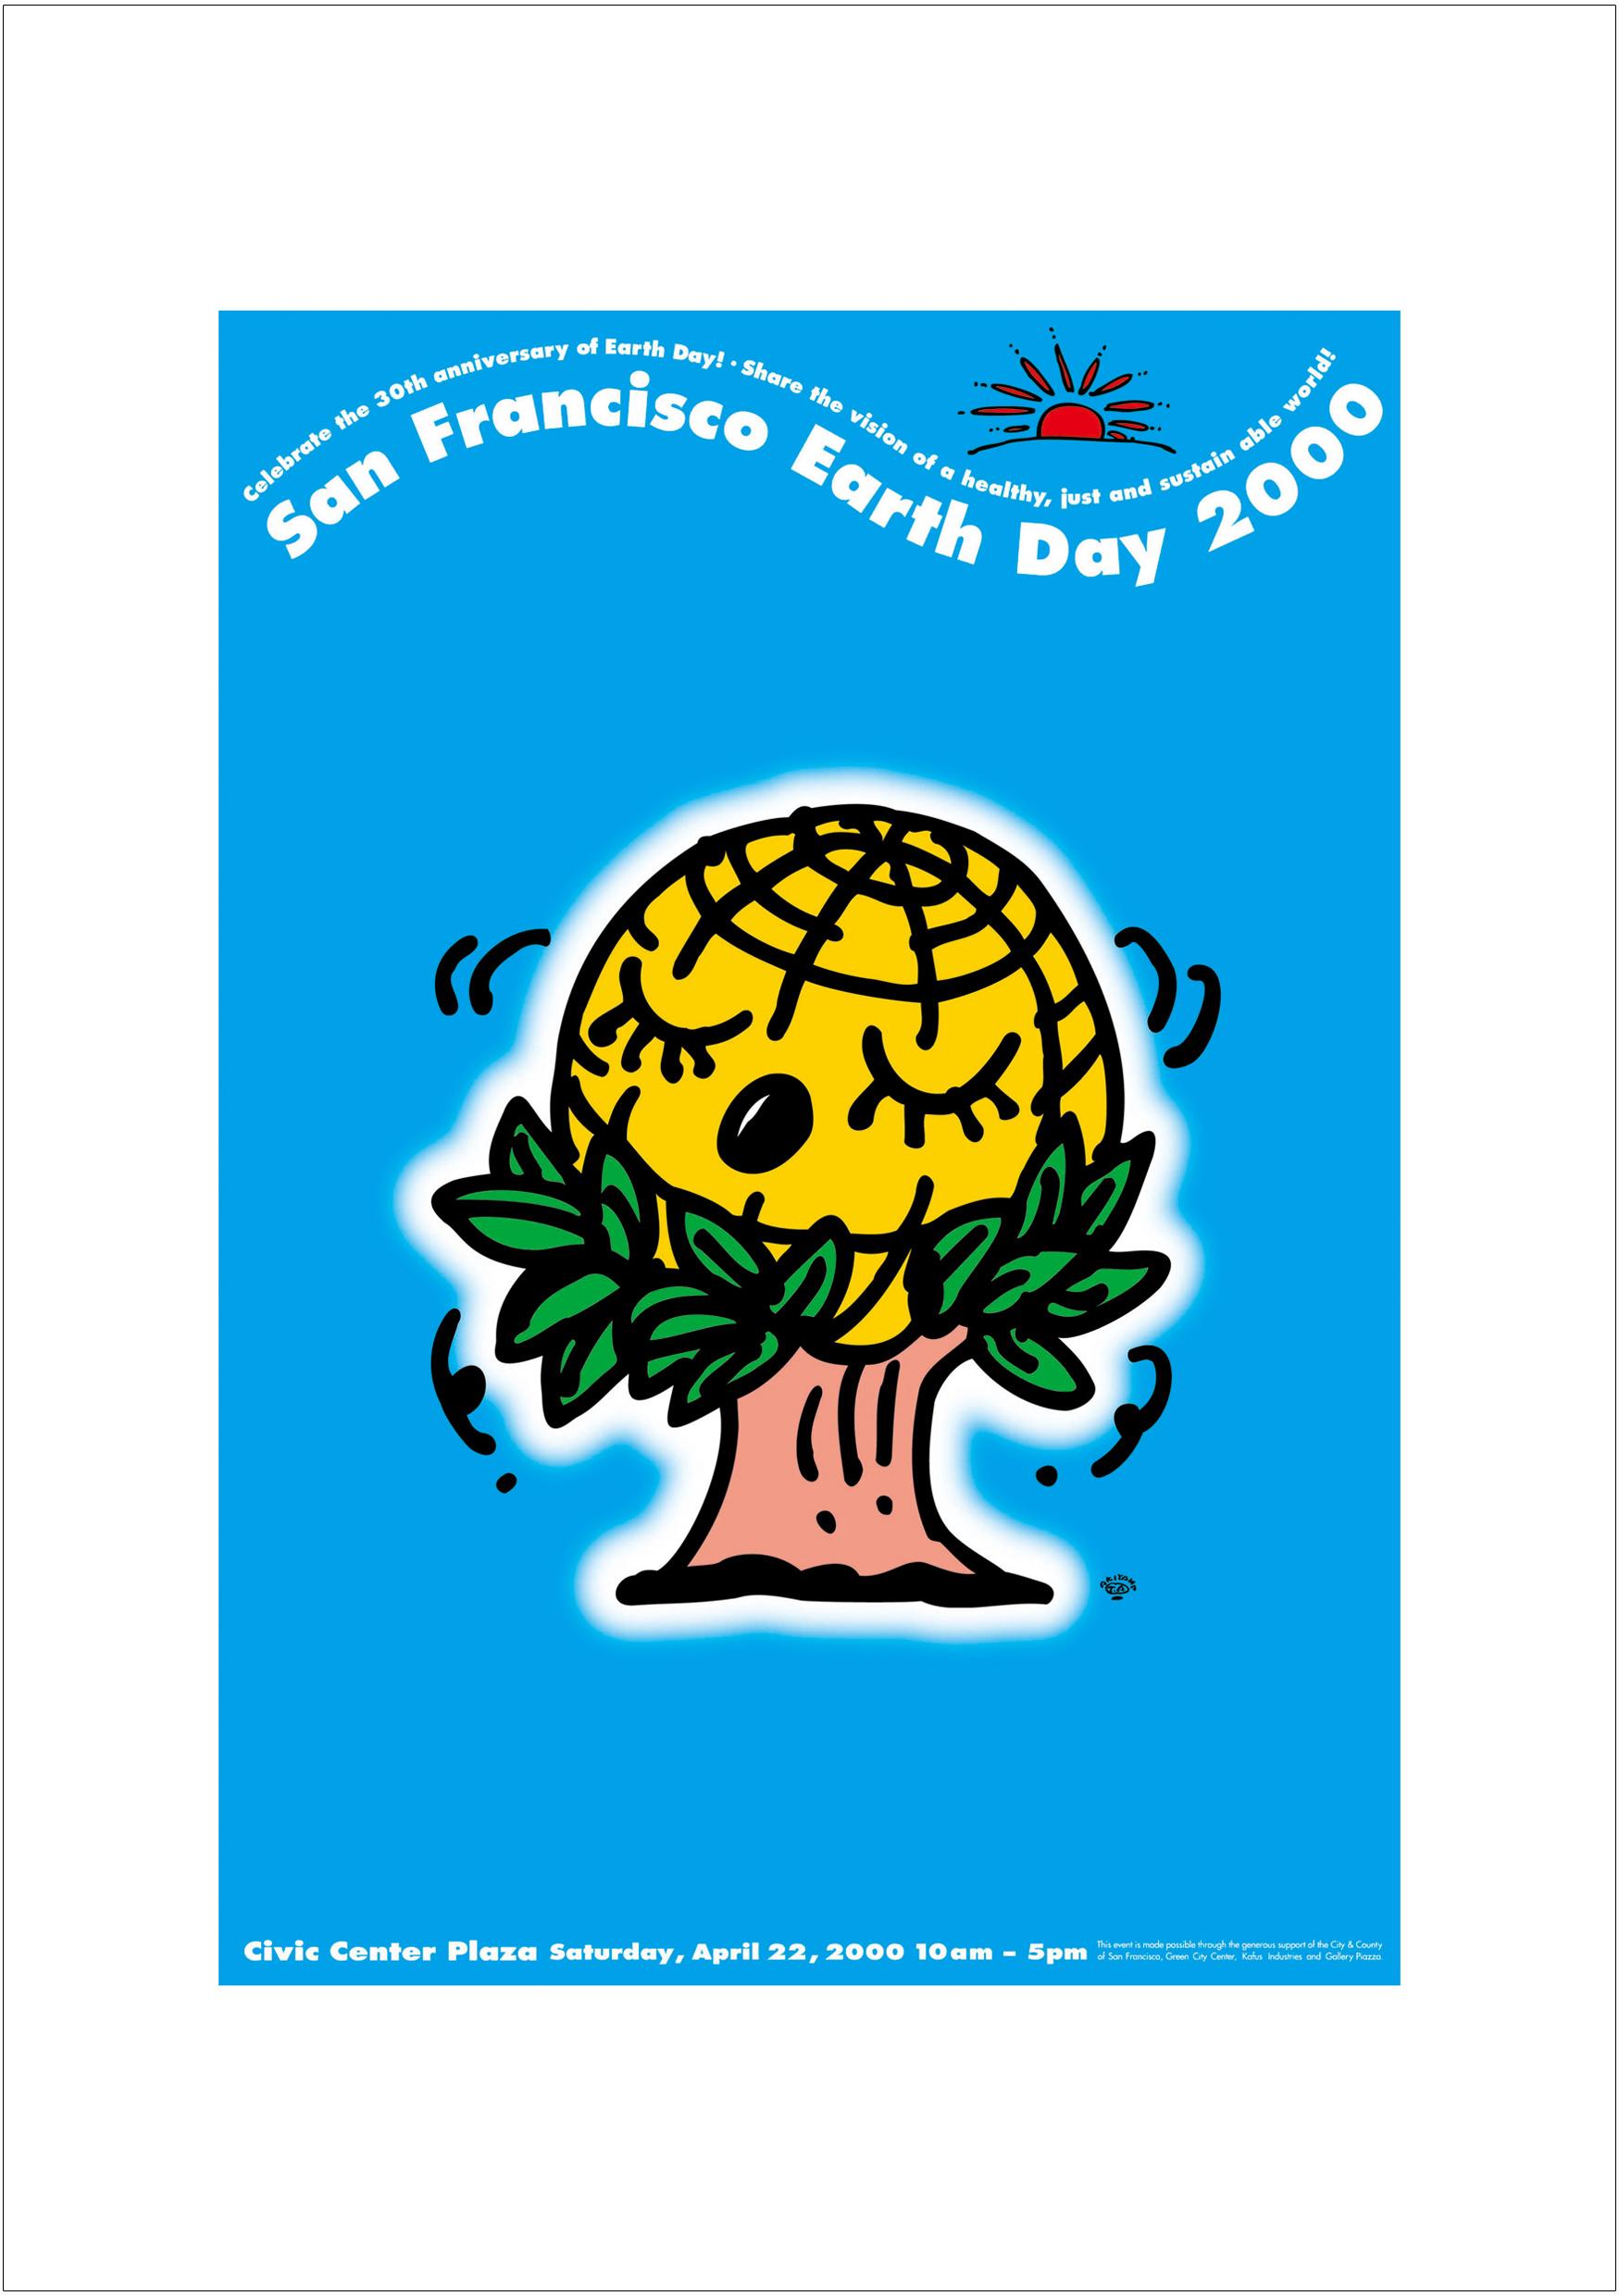 ポスターアーティスト秋山孝が2000年に制作したアートカード「アートカード ポスター 2000 05」